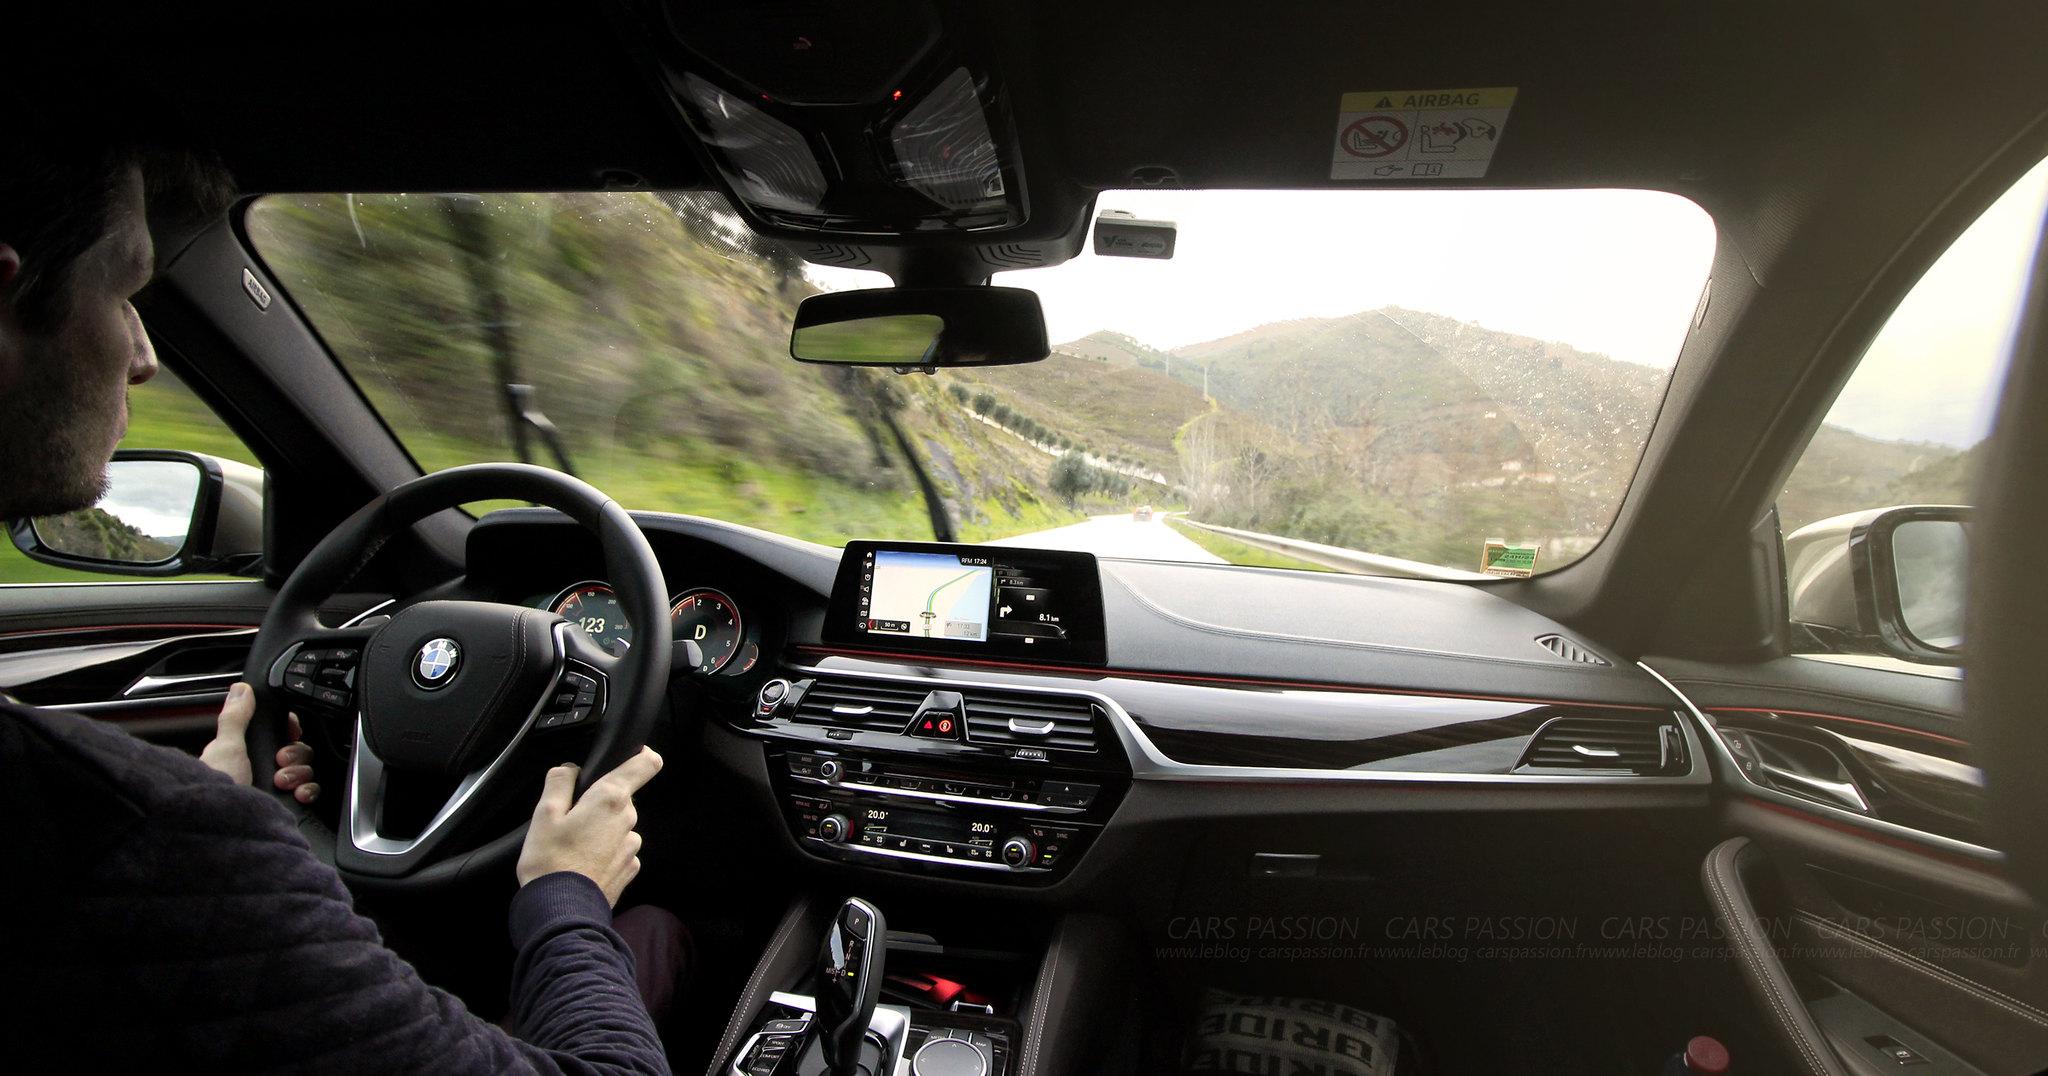 Essai Nouvelle BMW Série 5 2017 G30 au Portugal